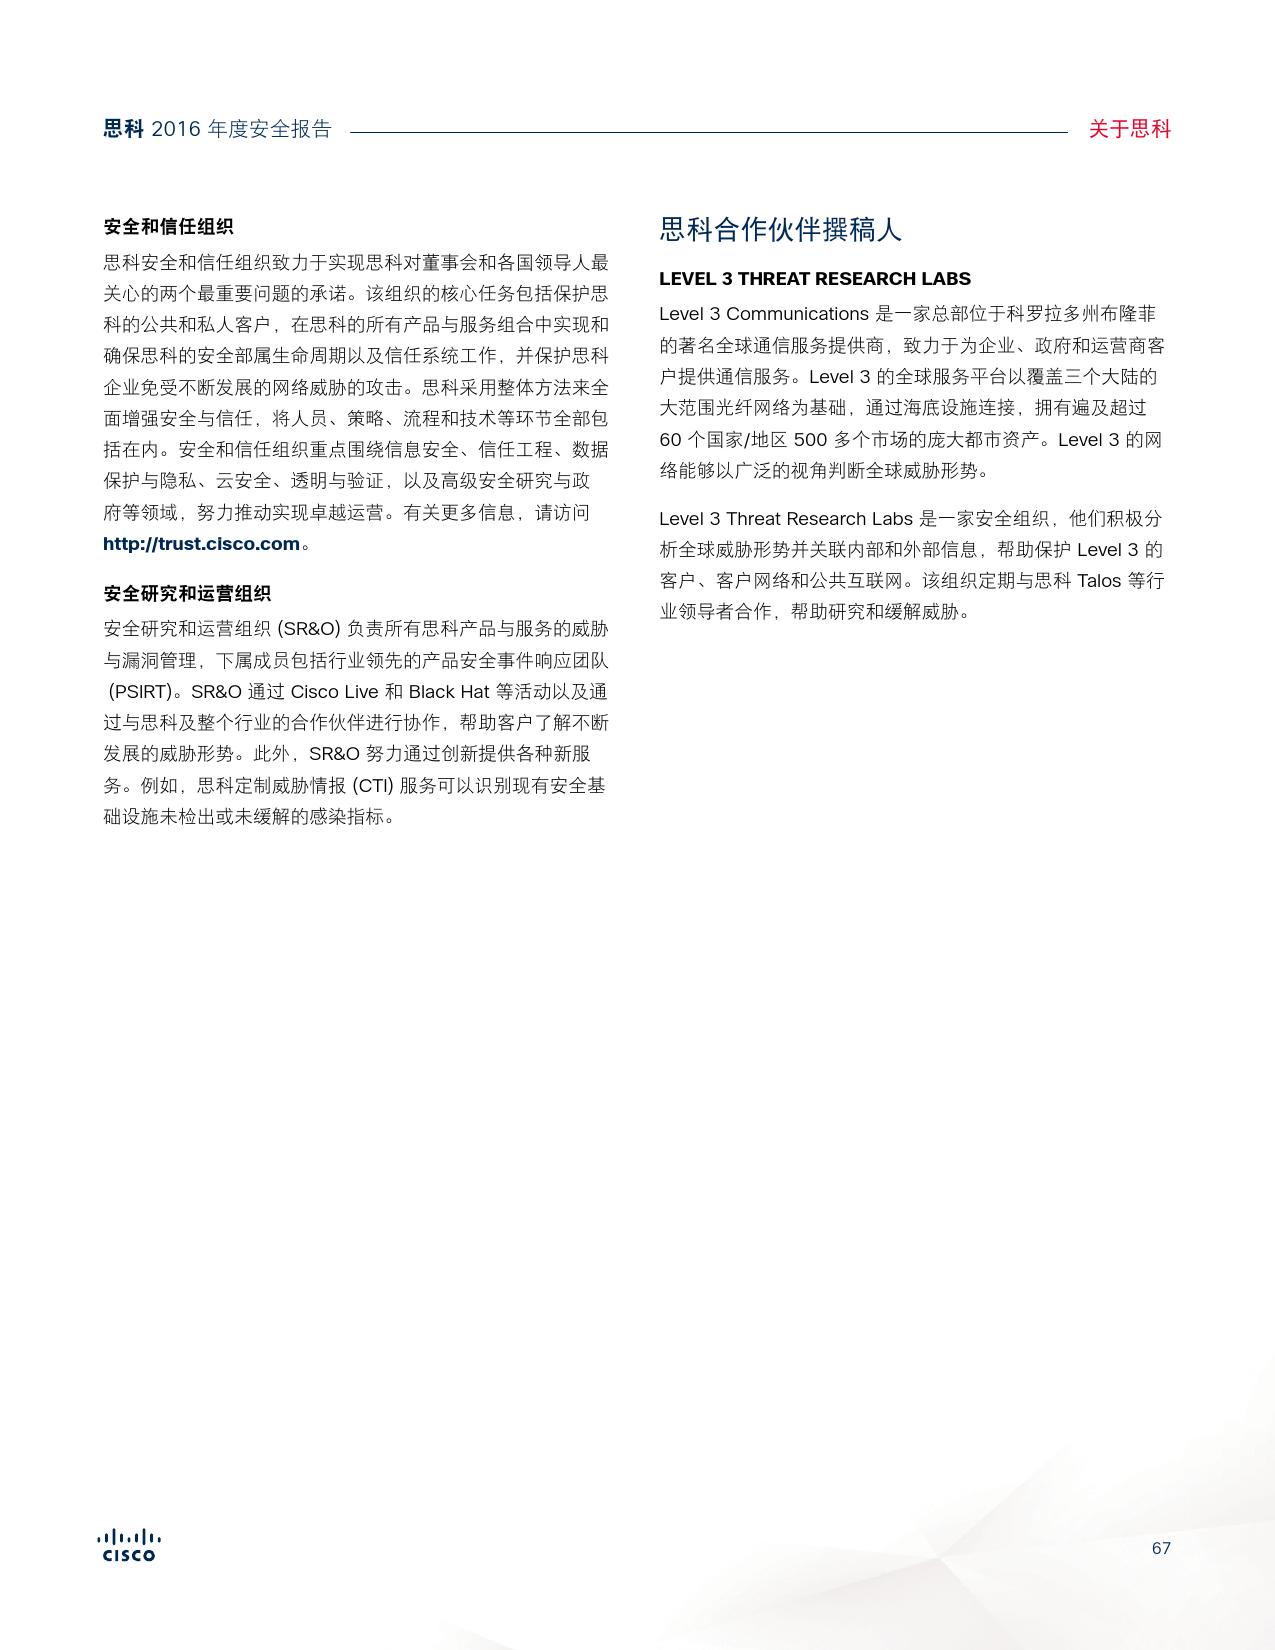 2016年中网络安全报告_000067